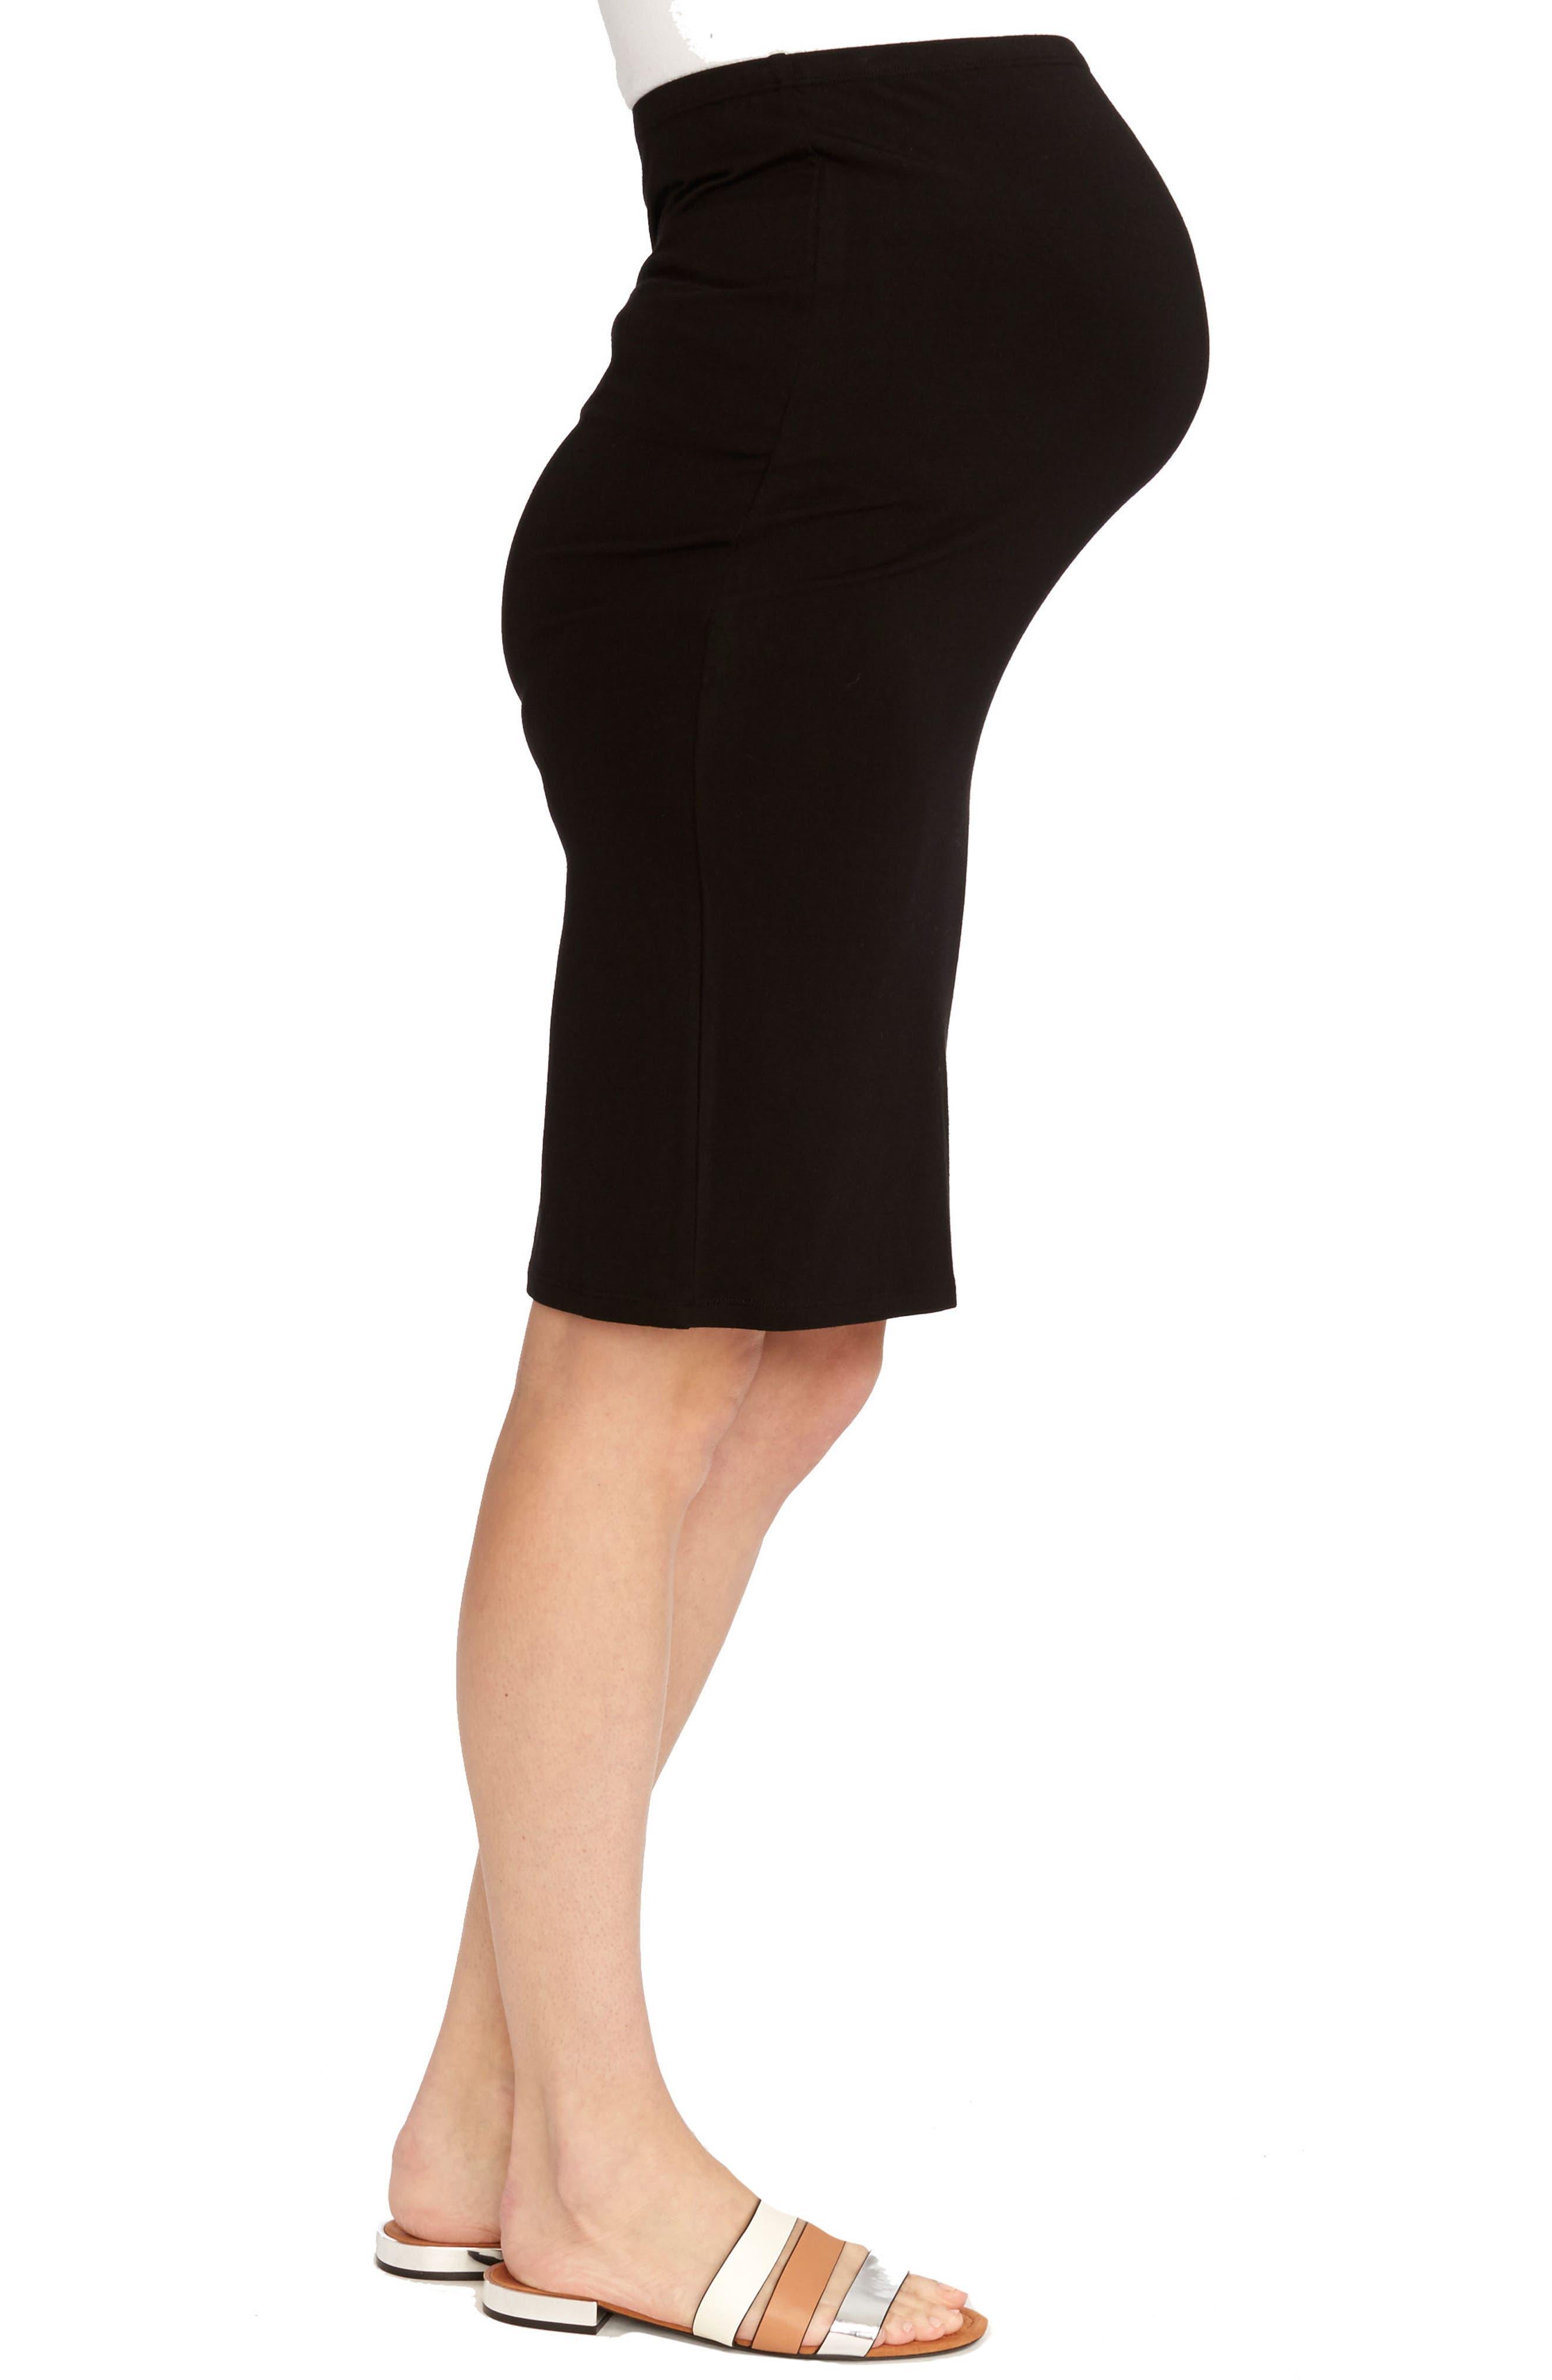 Adeline Maternity Skirt,                             Alternate thumbnail 3, color,                             BLACK